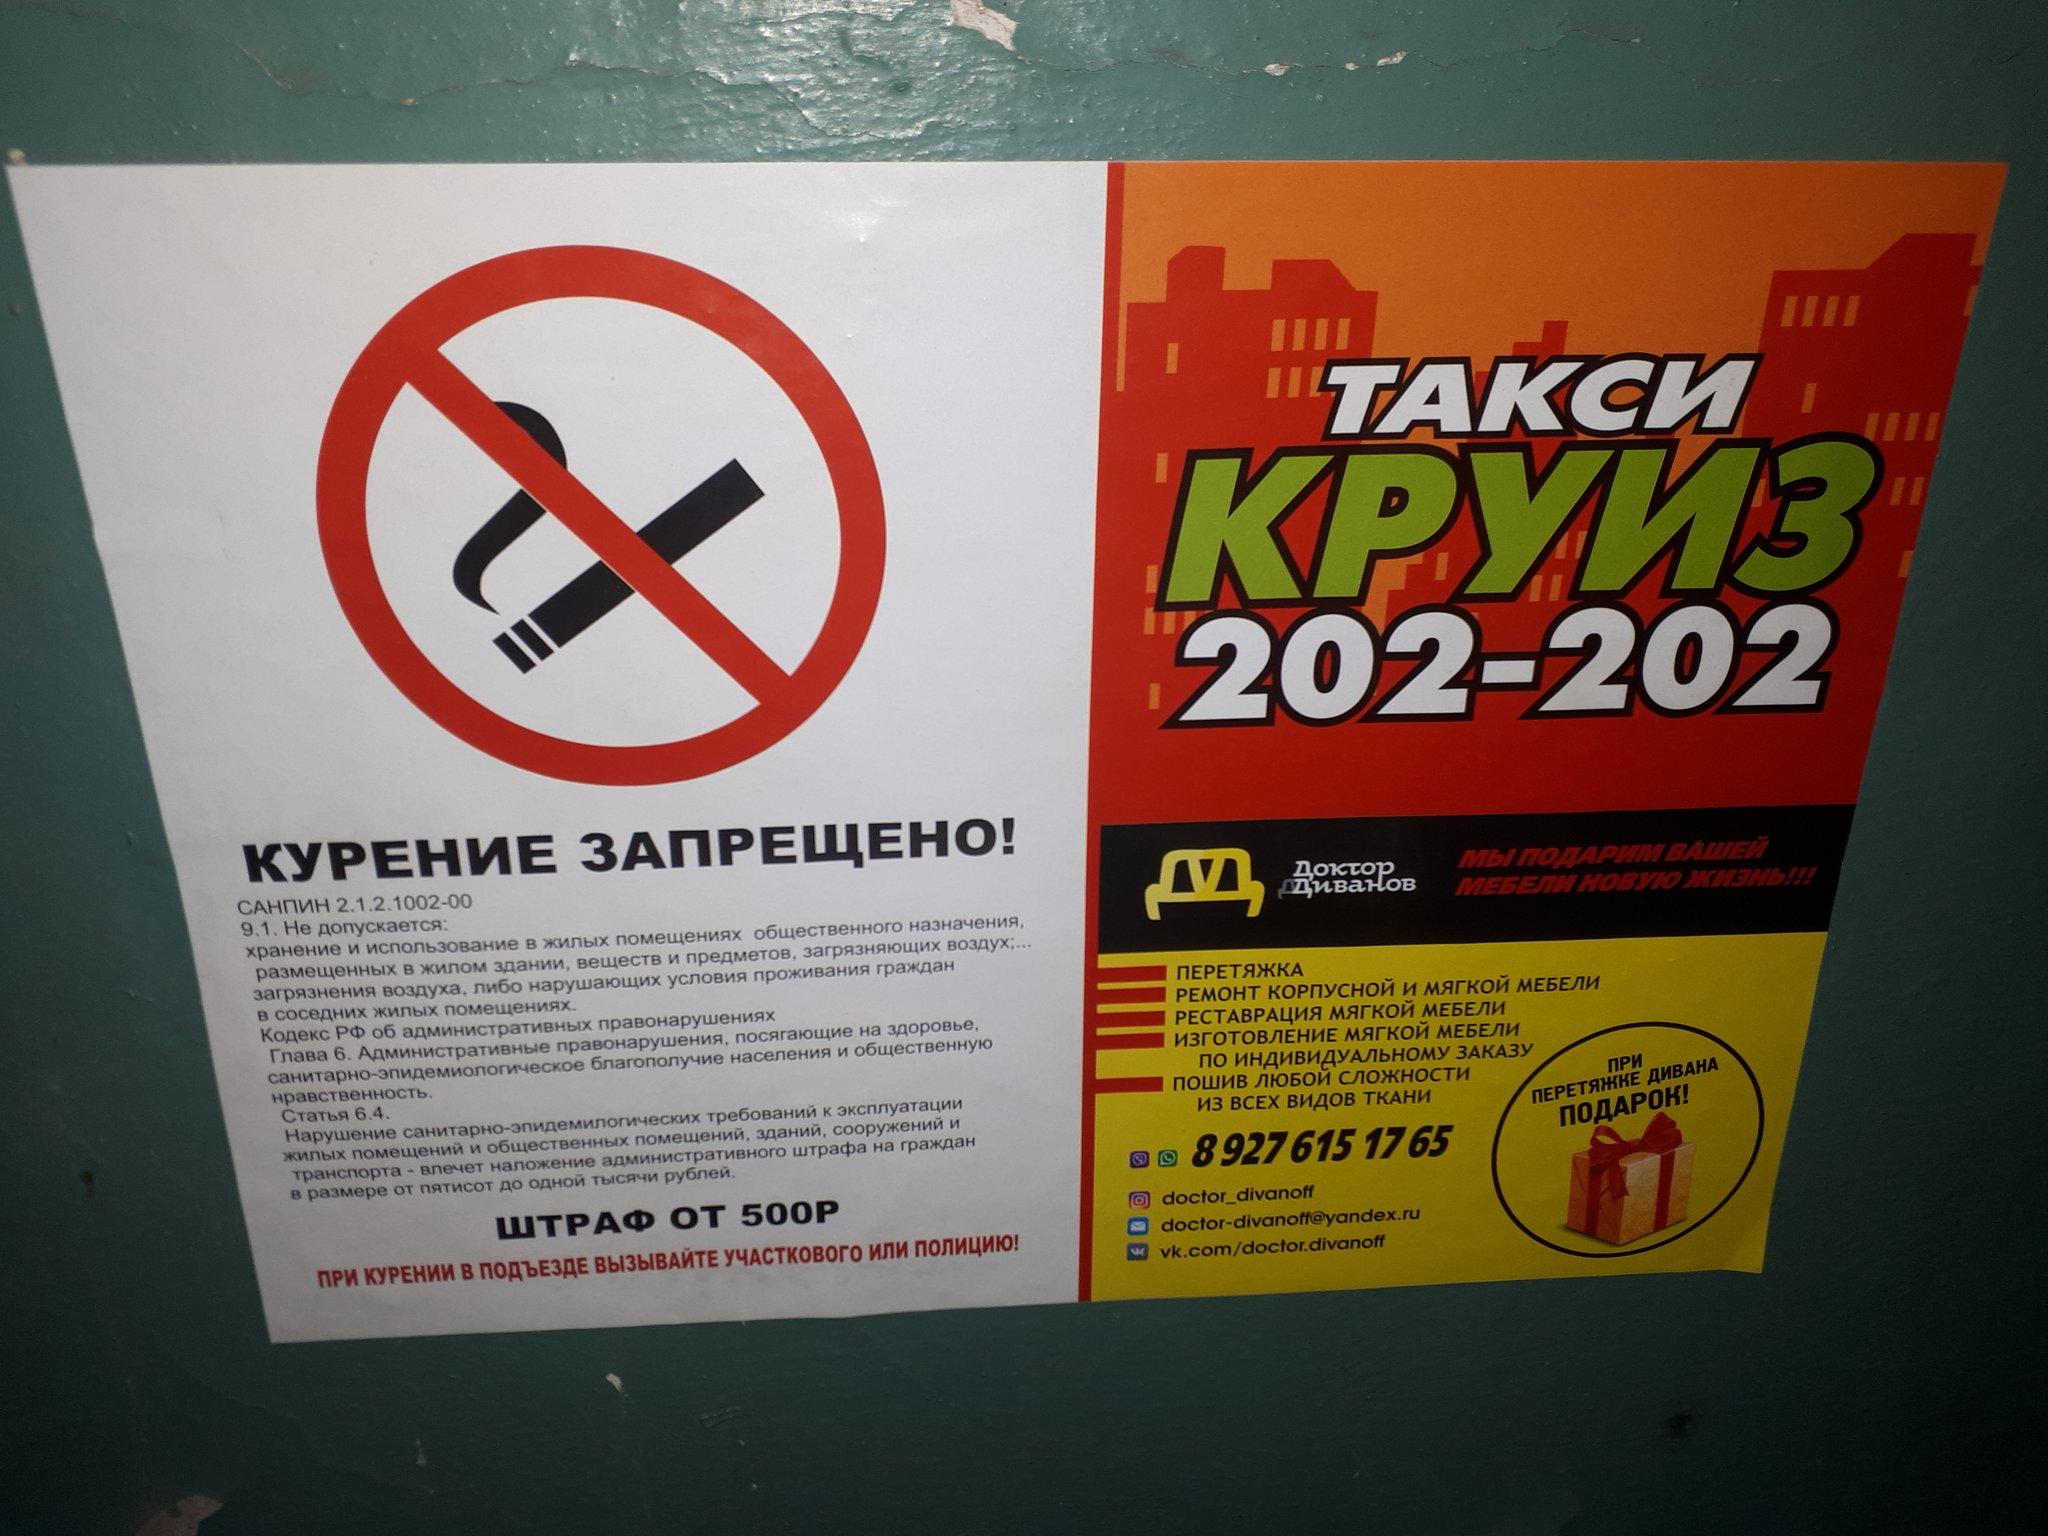 Картинки против курения с надписями в подъезде